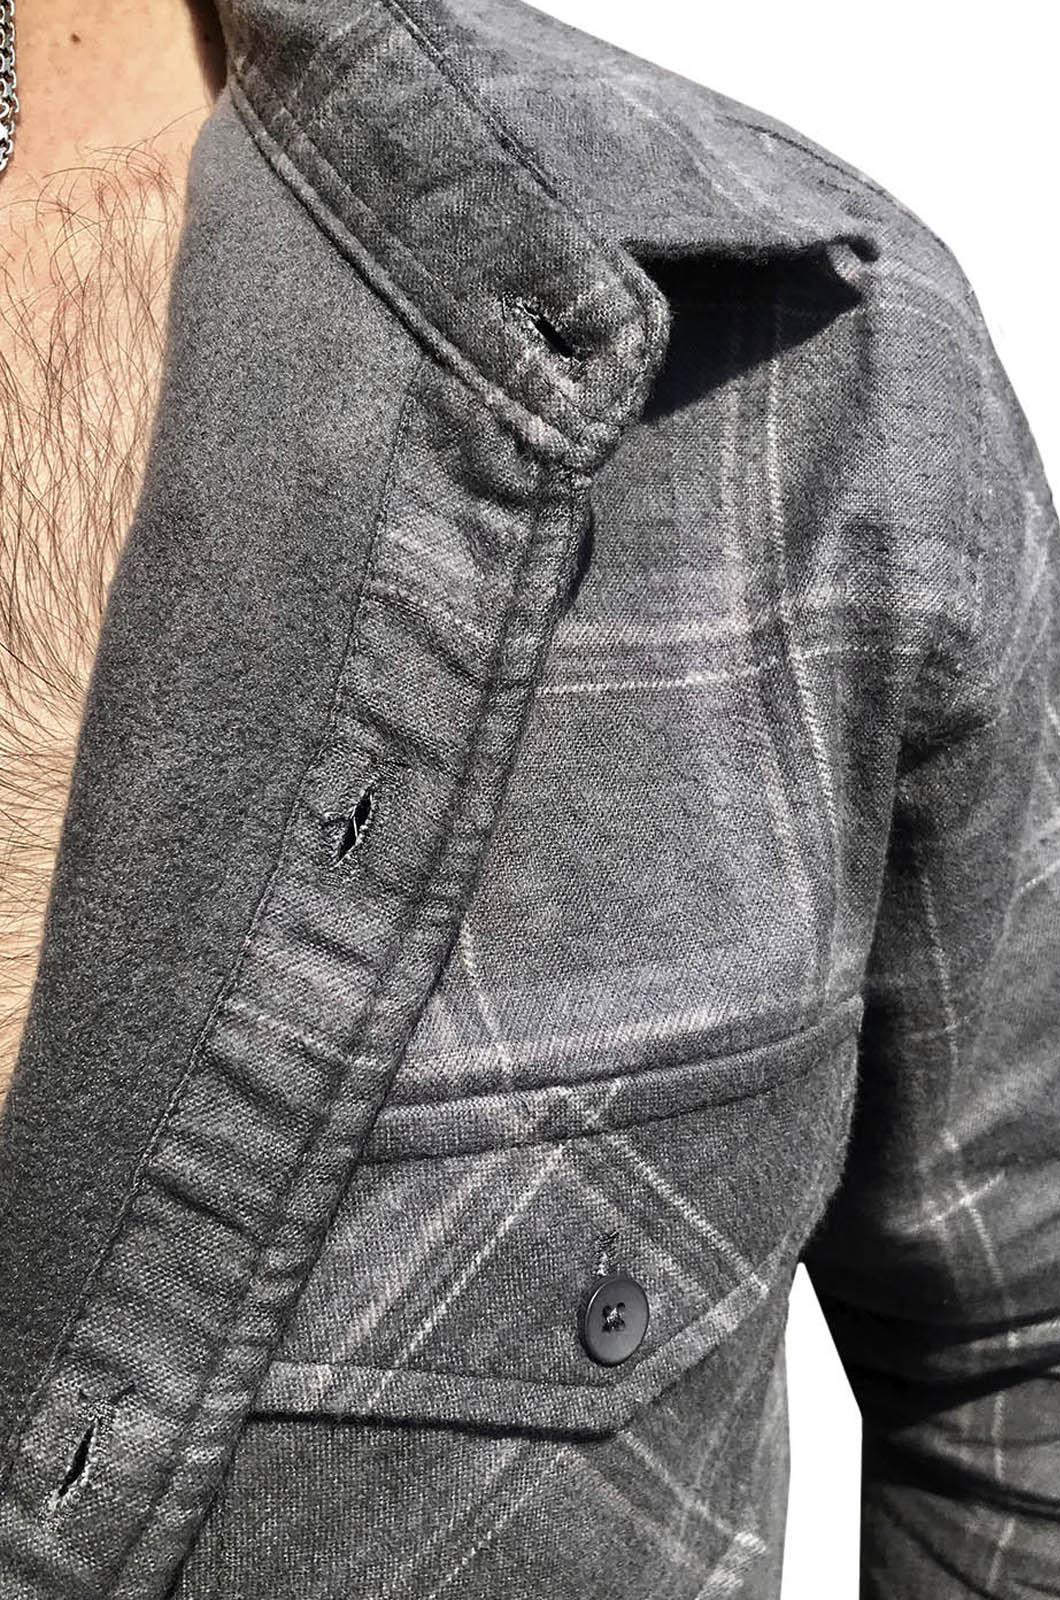 Лаконичная рубашка с вышитым шевроном 38 отдельный полк связи ВДВ - купить по низкой цене